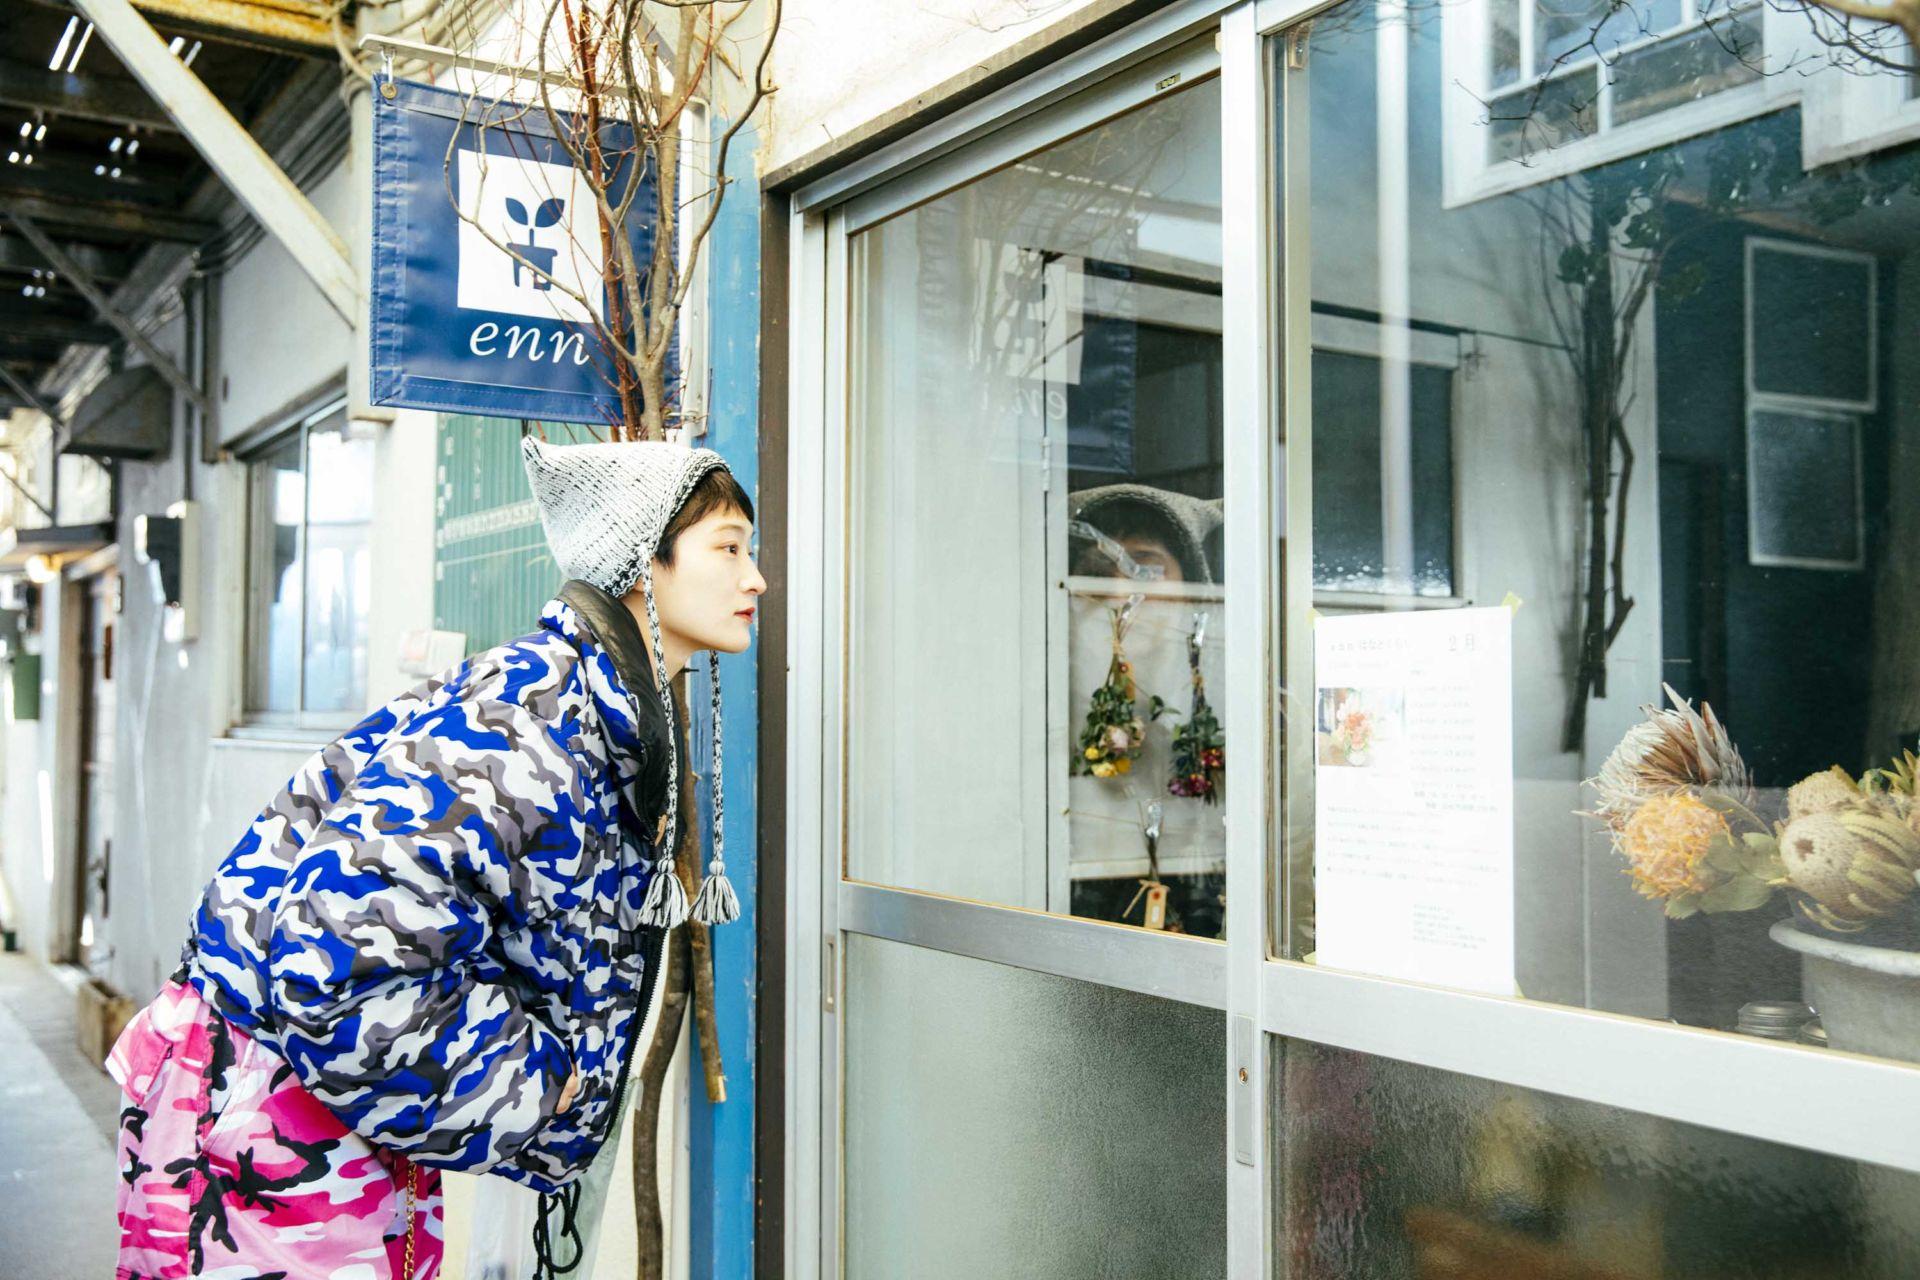 【フォトルポ#1】コムアイが行く!日光市今市の歩き方。スイカン×日光市発の無料映画上映会『名画ニッコウ座』間もなく開催 180307-meiga-nikko-za-6